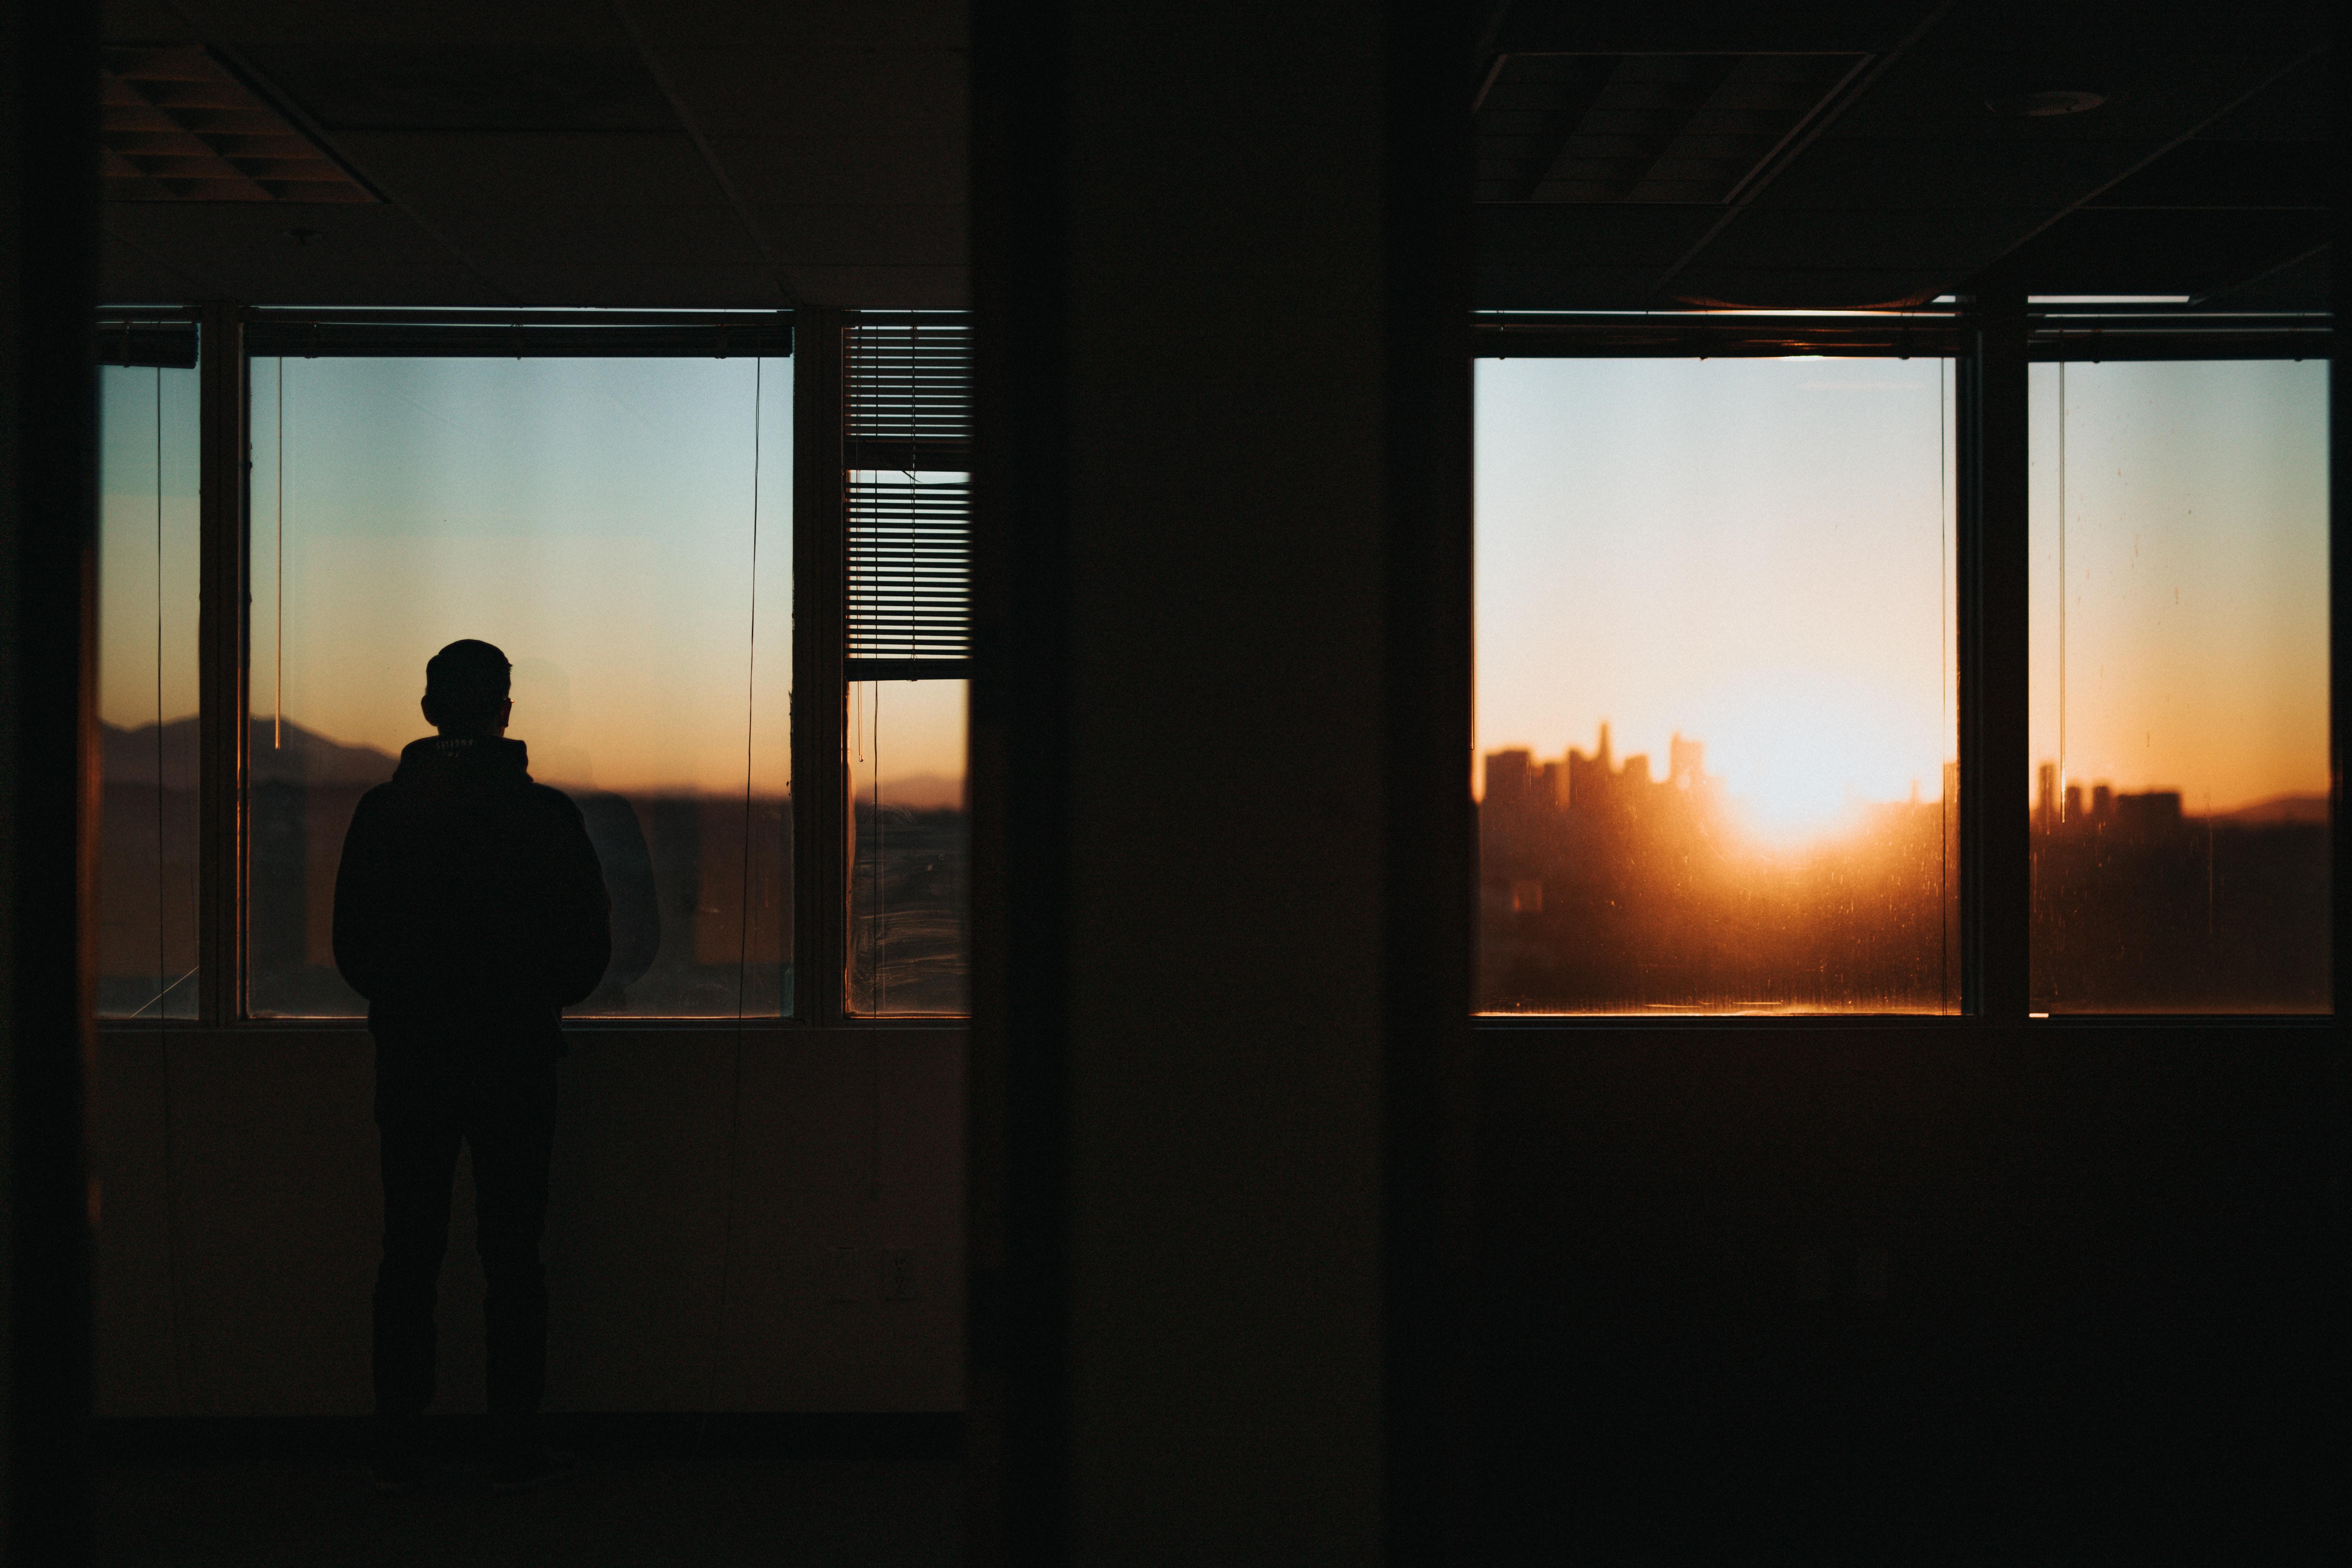 夕方のオフィス